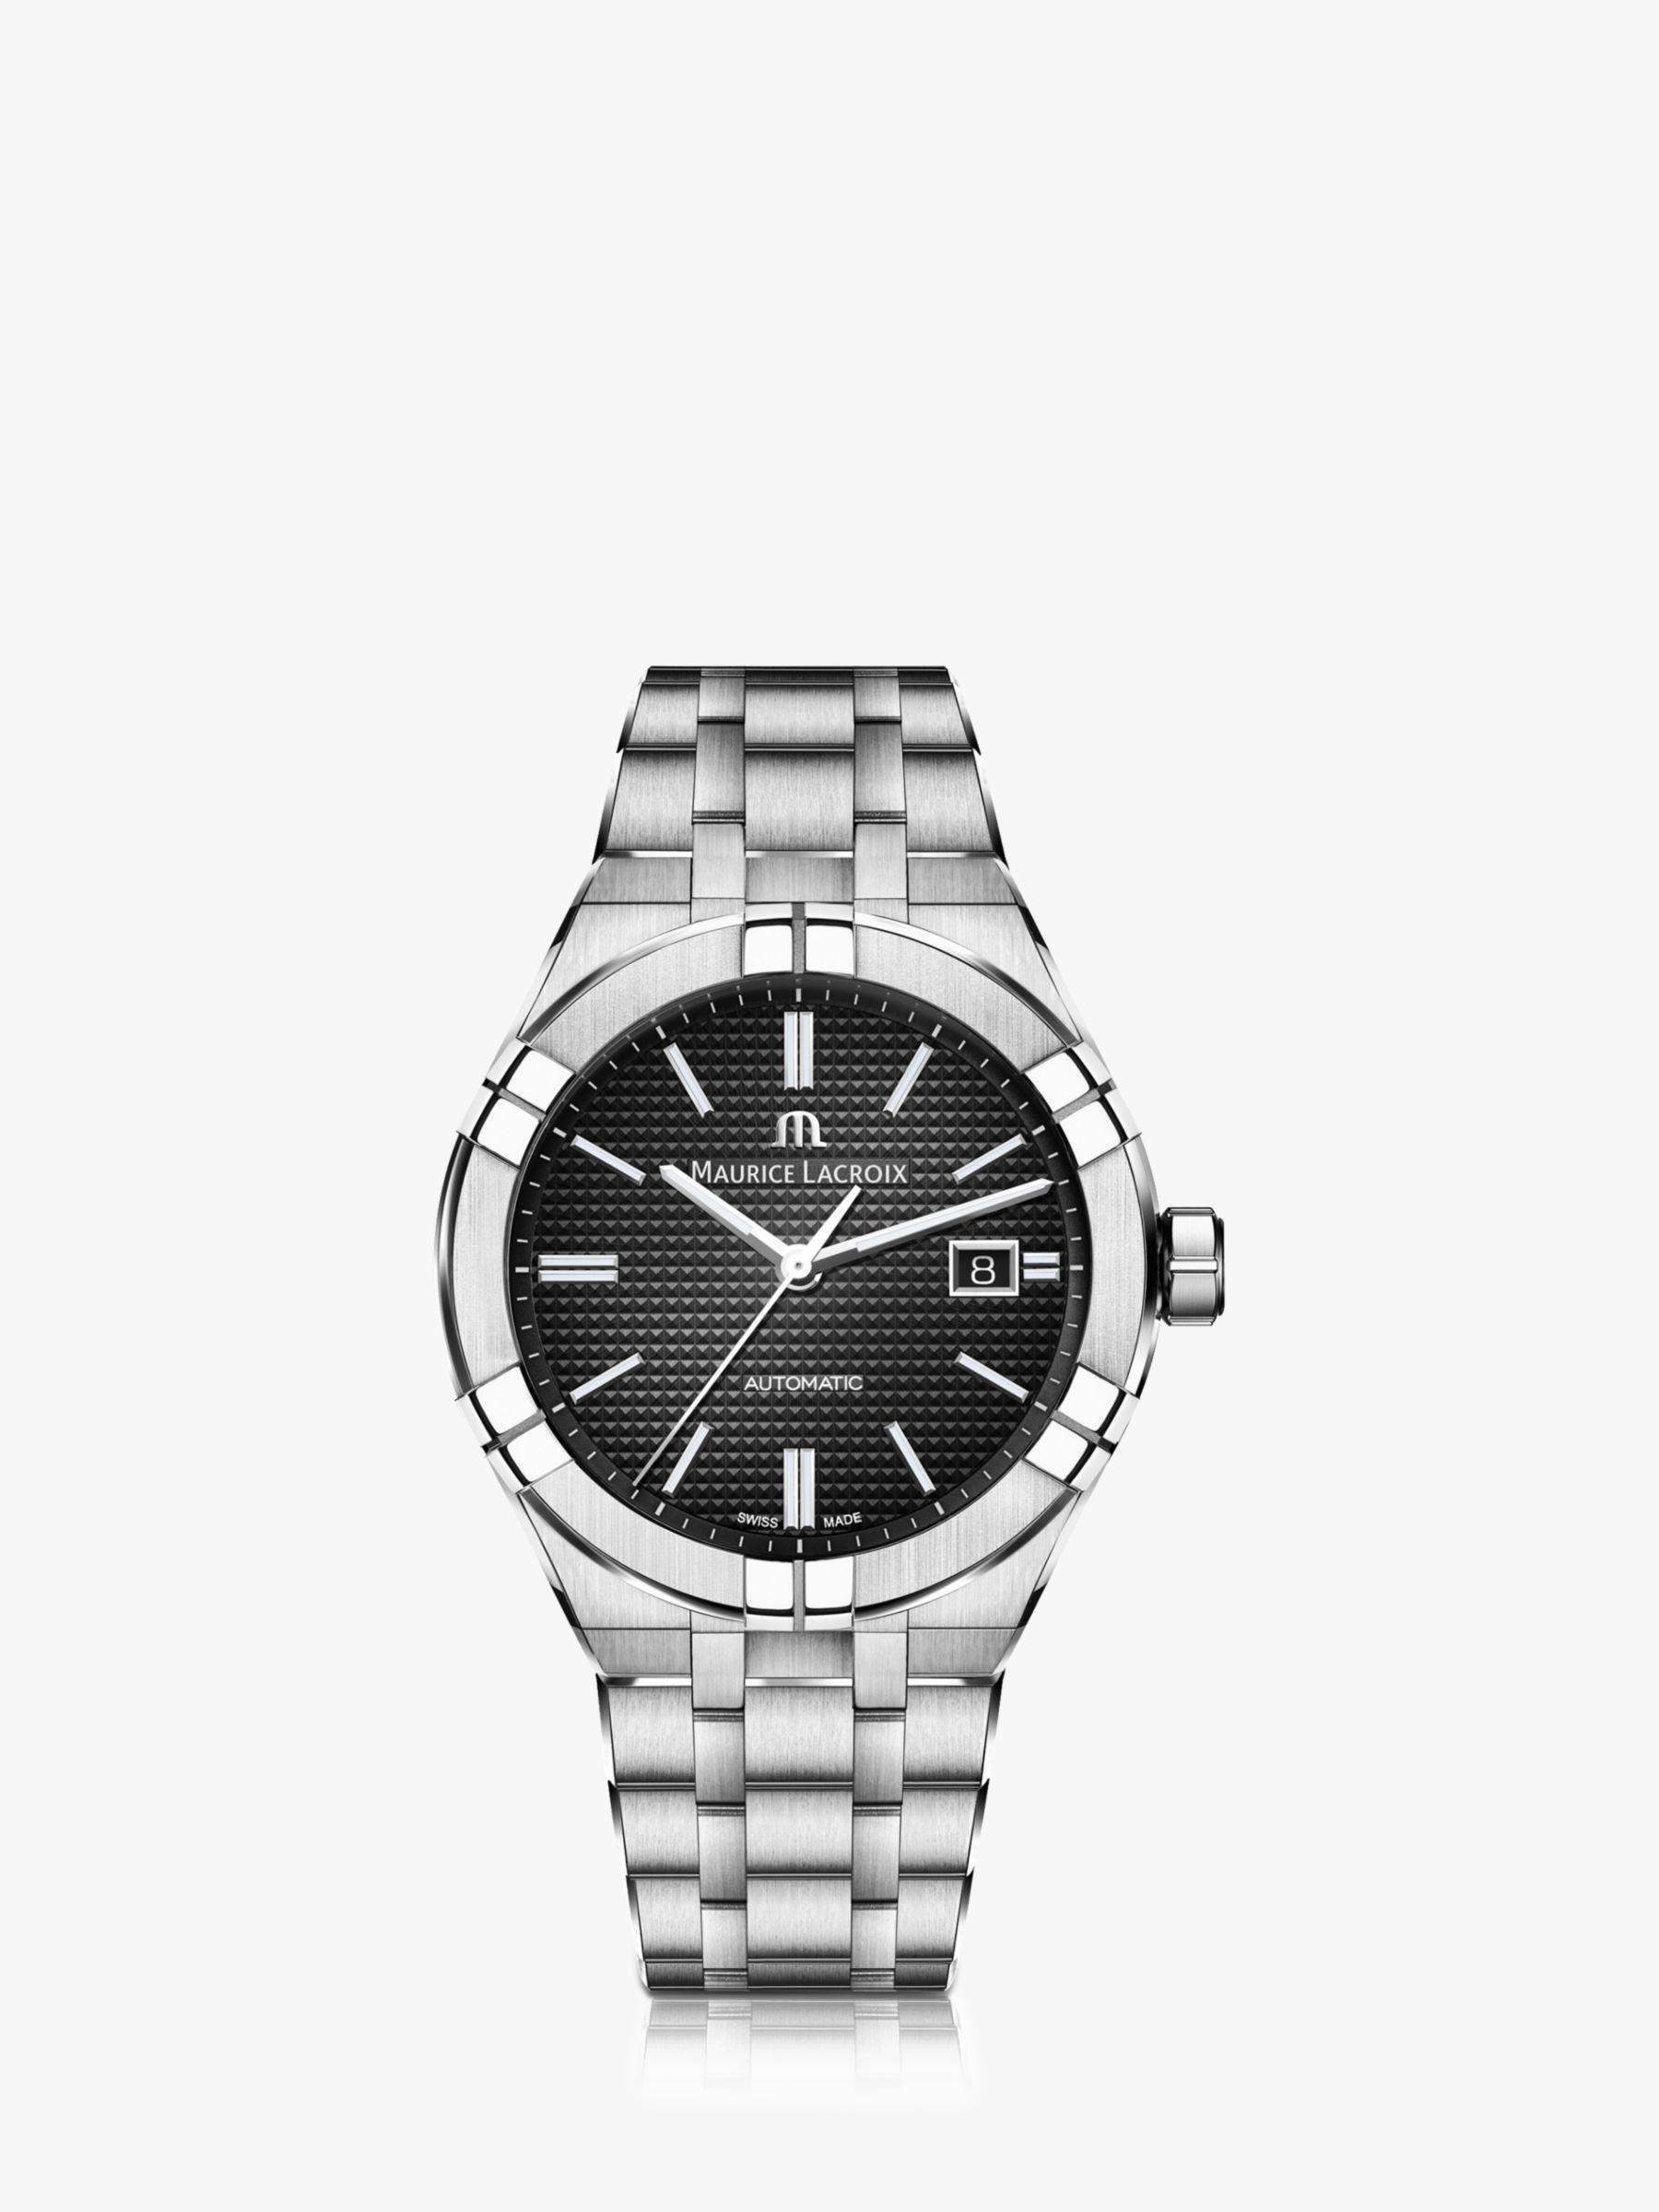 Maurice Lacroix Maurice Lacroix AI6008-SS002-330-1 Men's Aikon Automatic Date Bracelet Strap Watch, Silver/Black